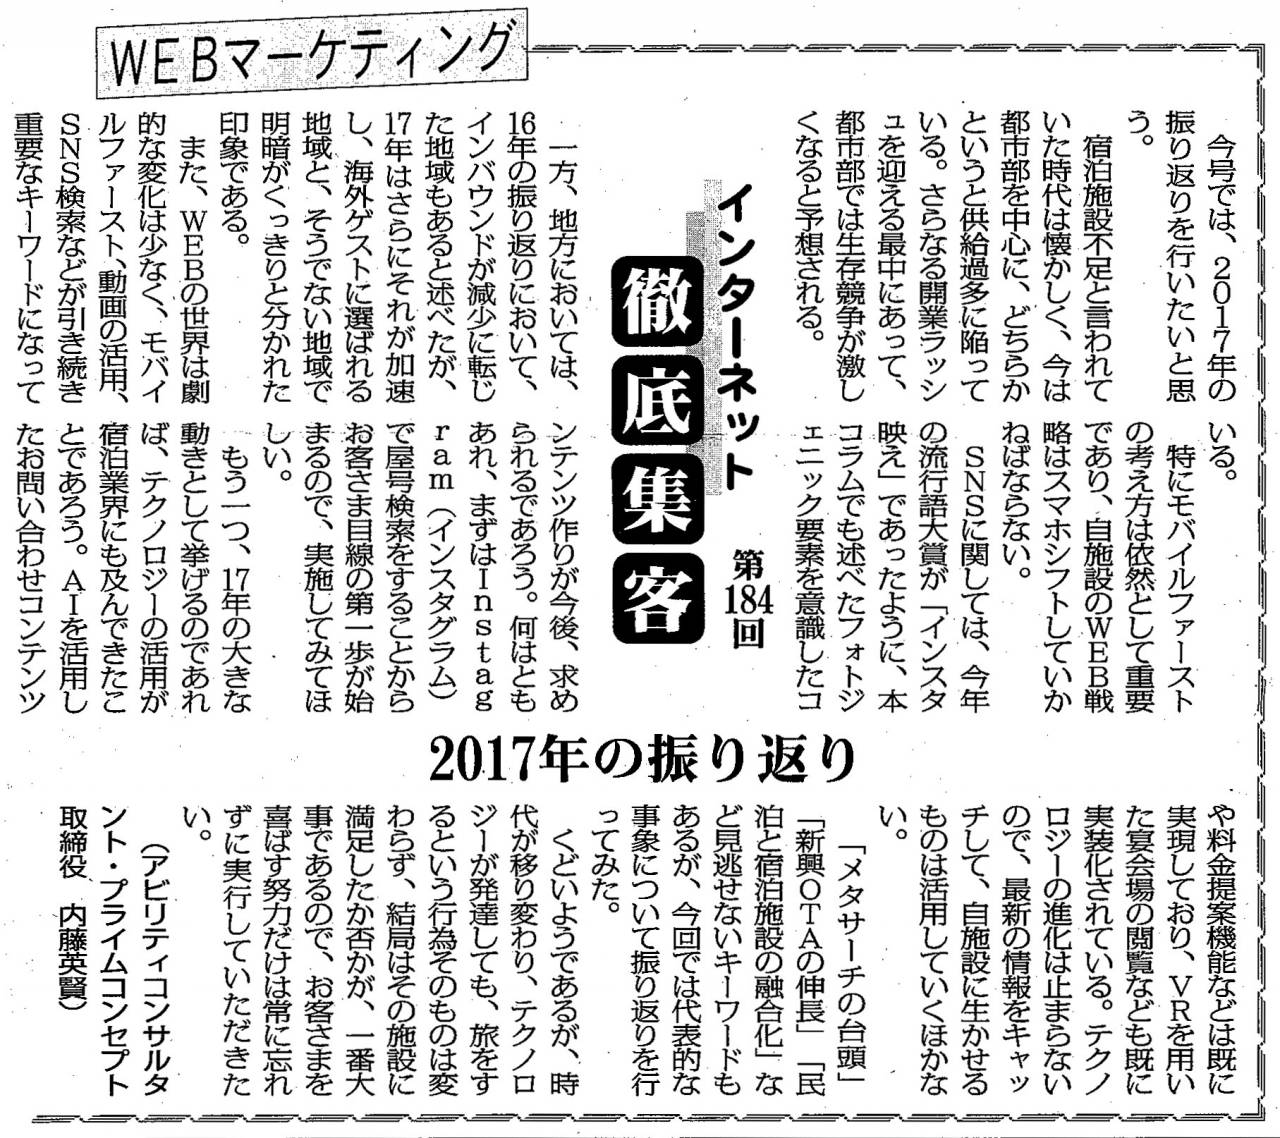 【第184回】WEBマーケティング インターネット徹底集客 (2017年の振り返り)